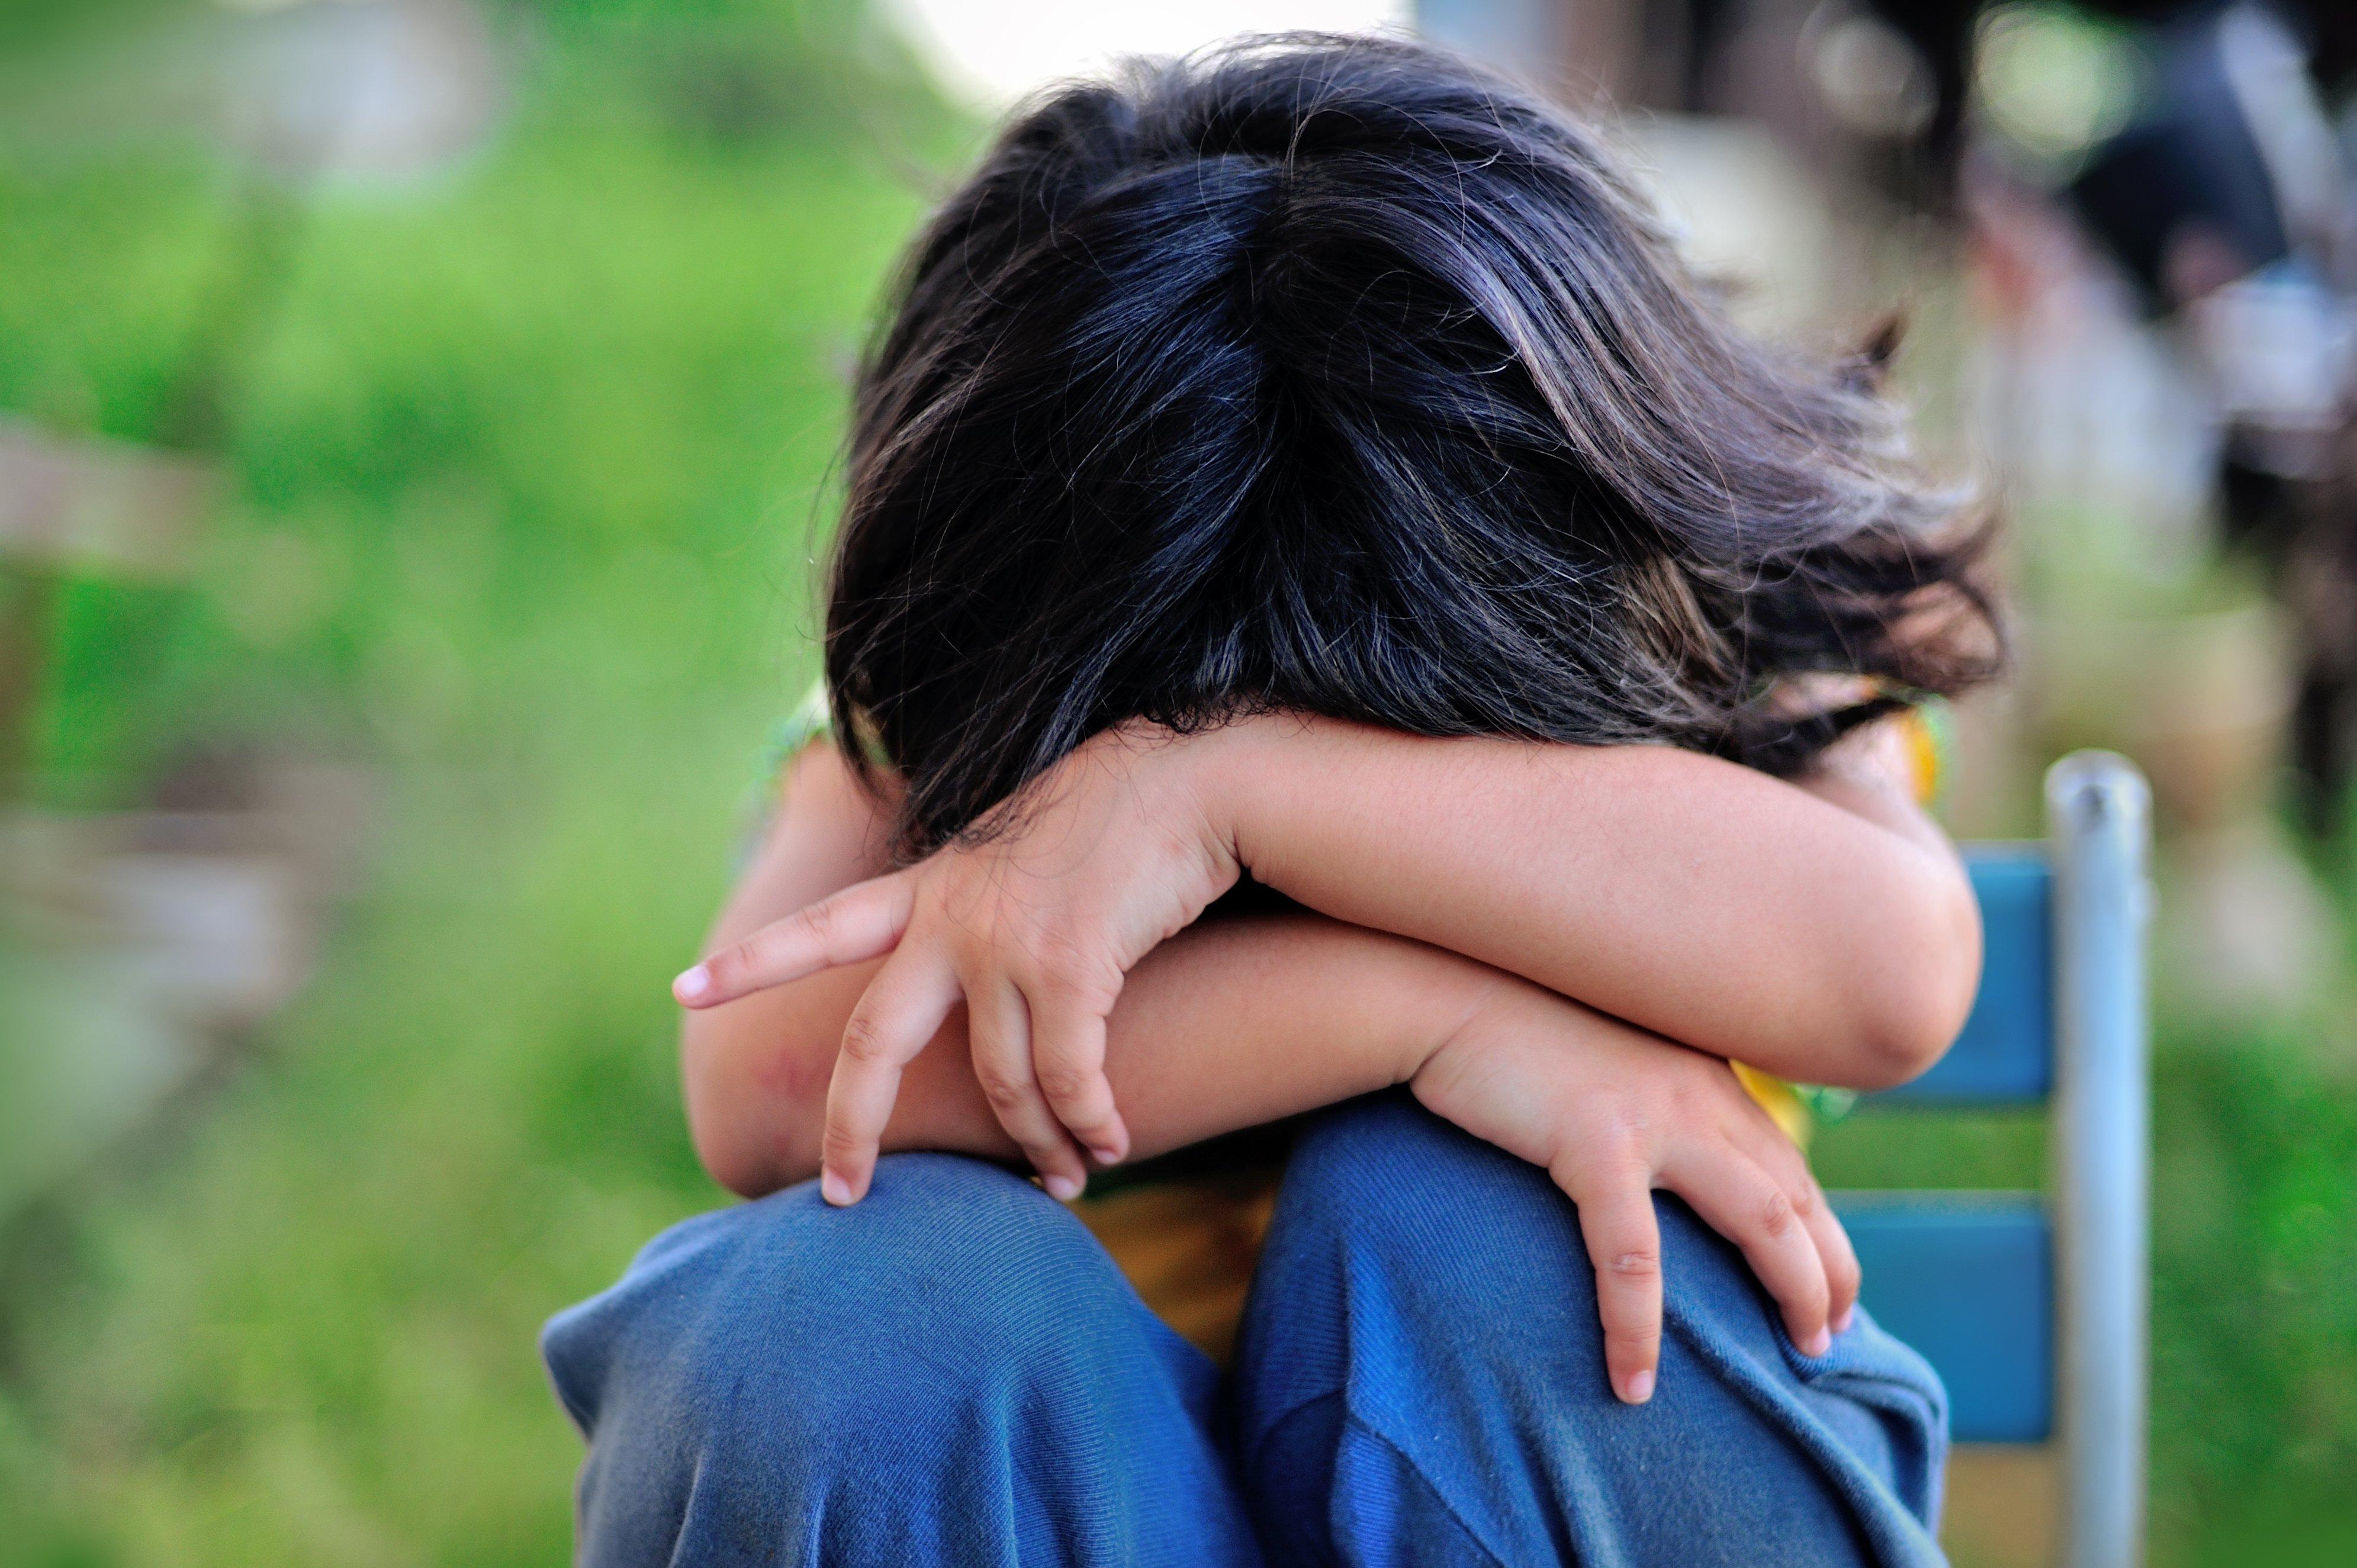 Enfant avec les bras croisés. Fontaine : Shutterstock